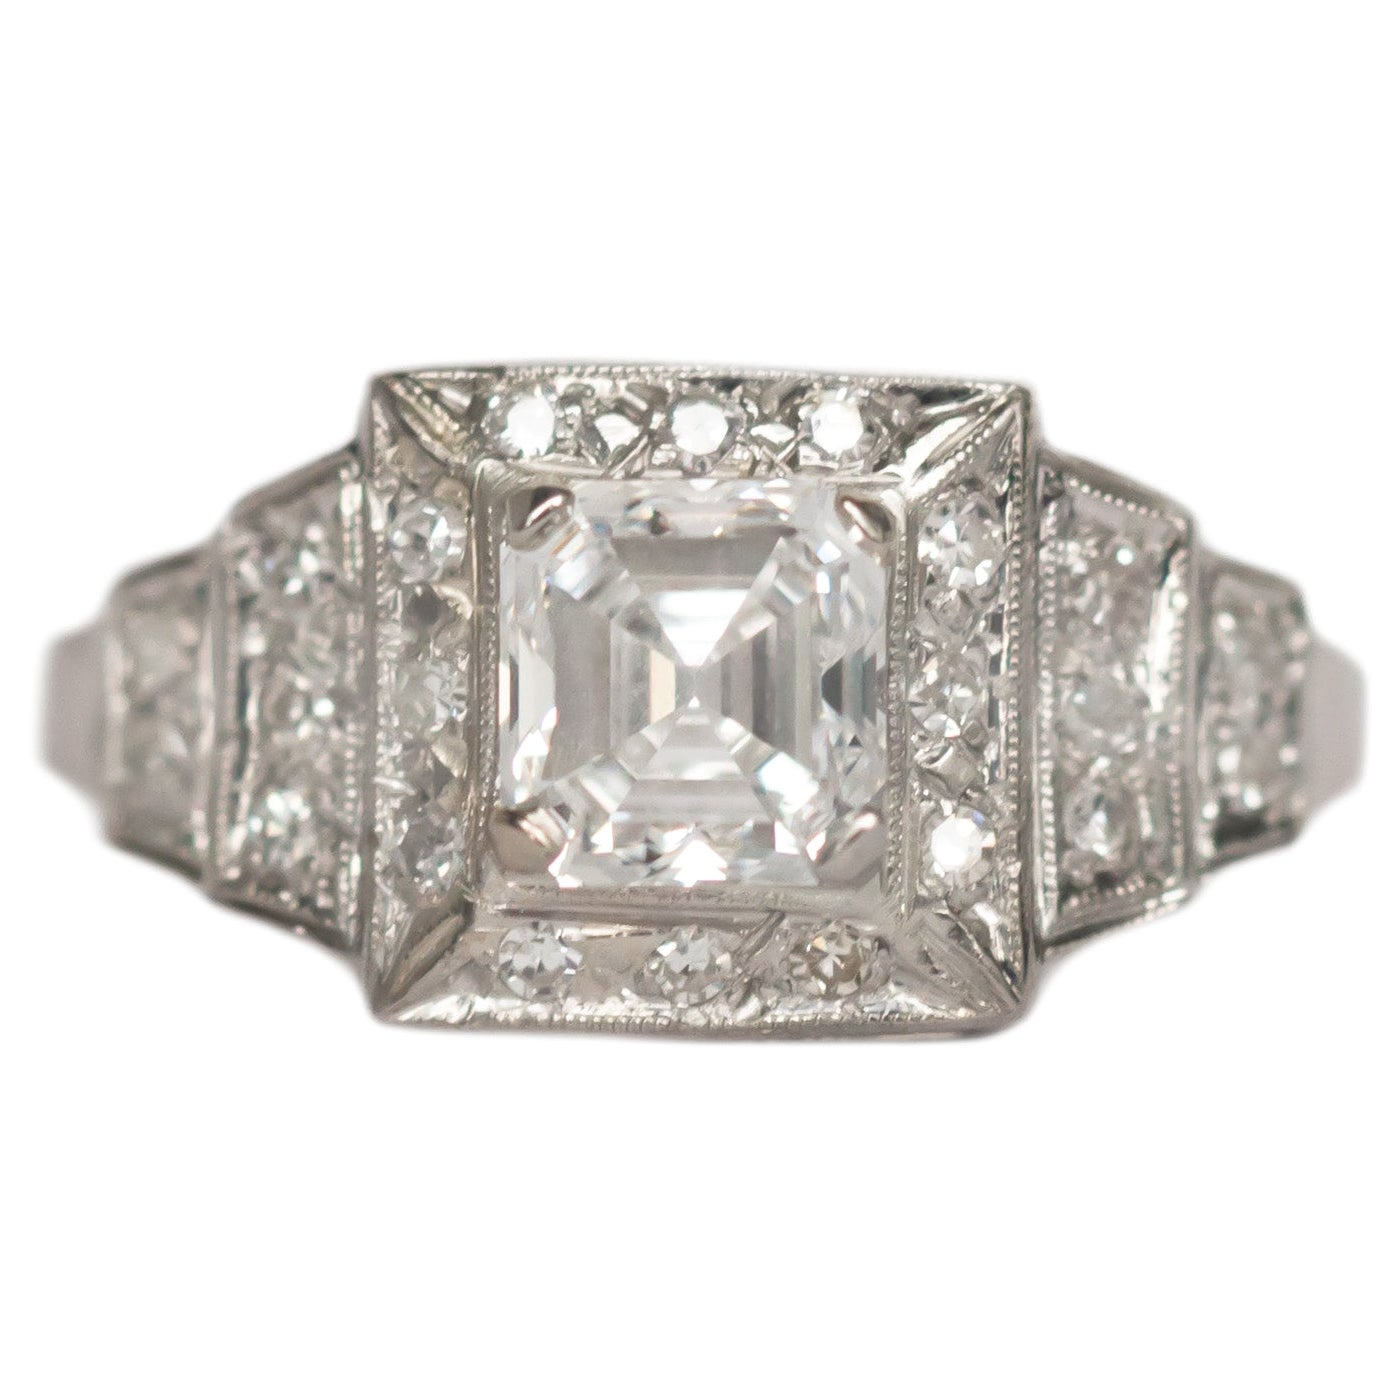 GIA Certified 1.26 Carat Diamond Platinum Engagement Ring